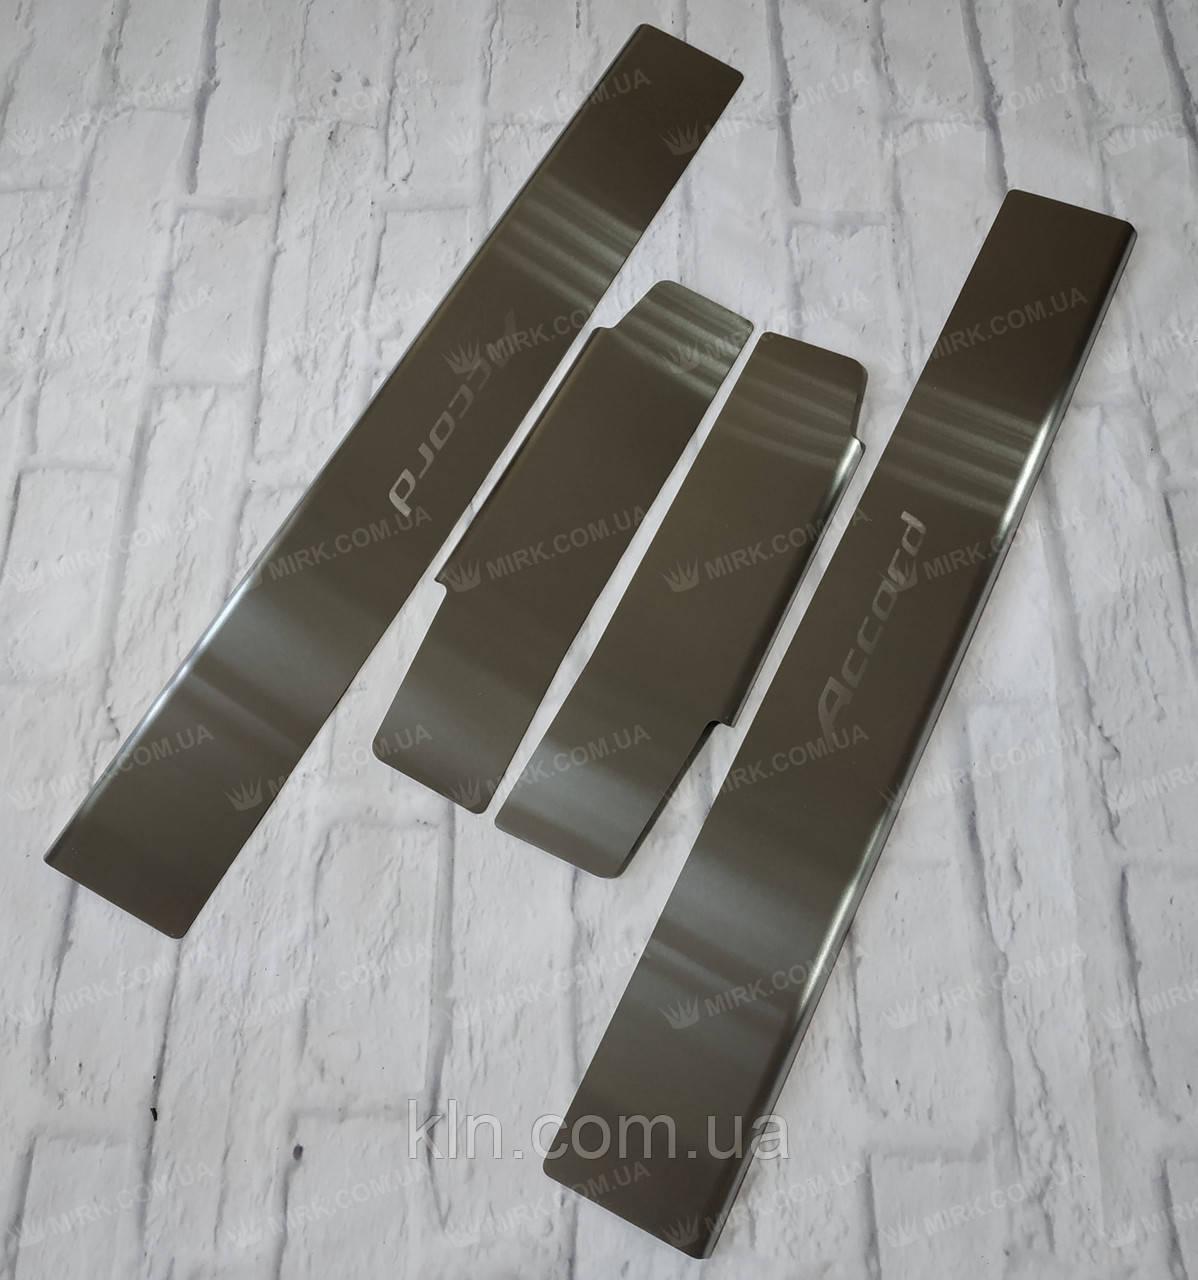 Накладки на пороги металлические HONDA ACCORD VII  2002-2008